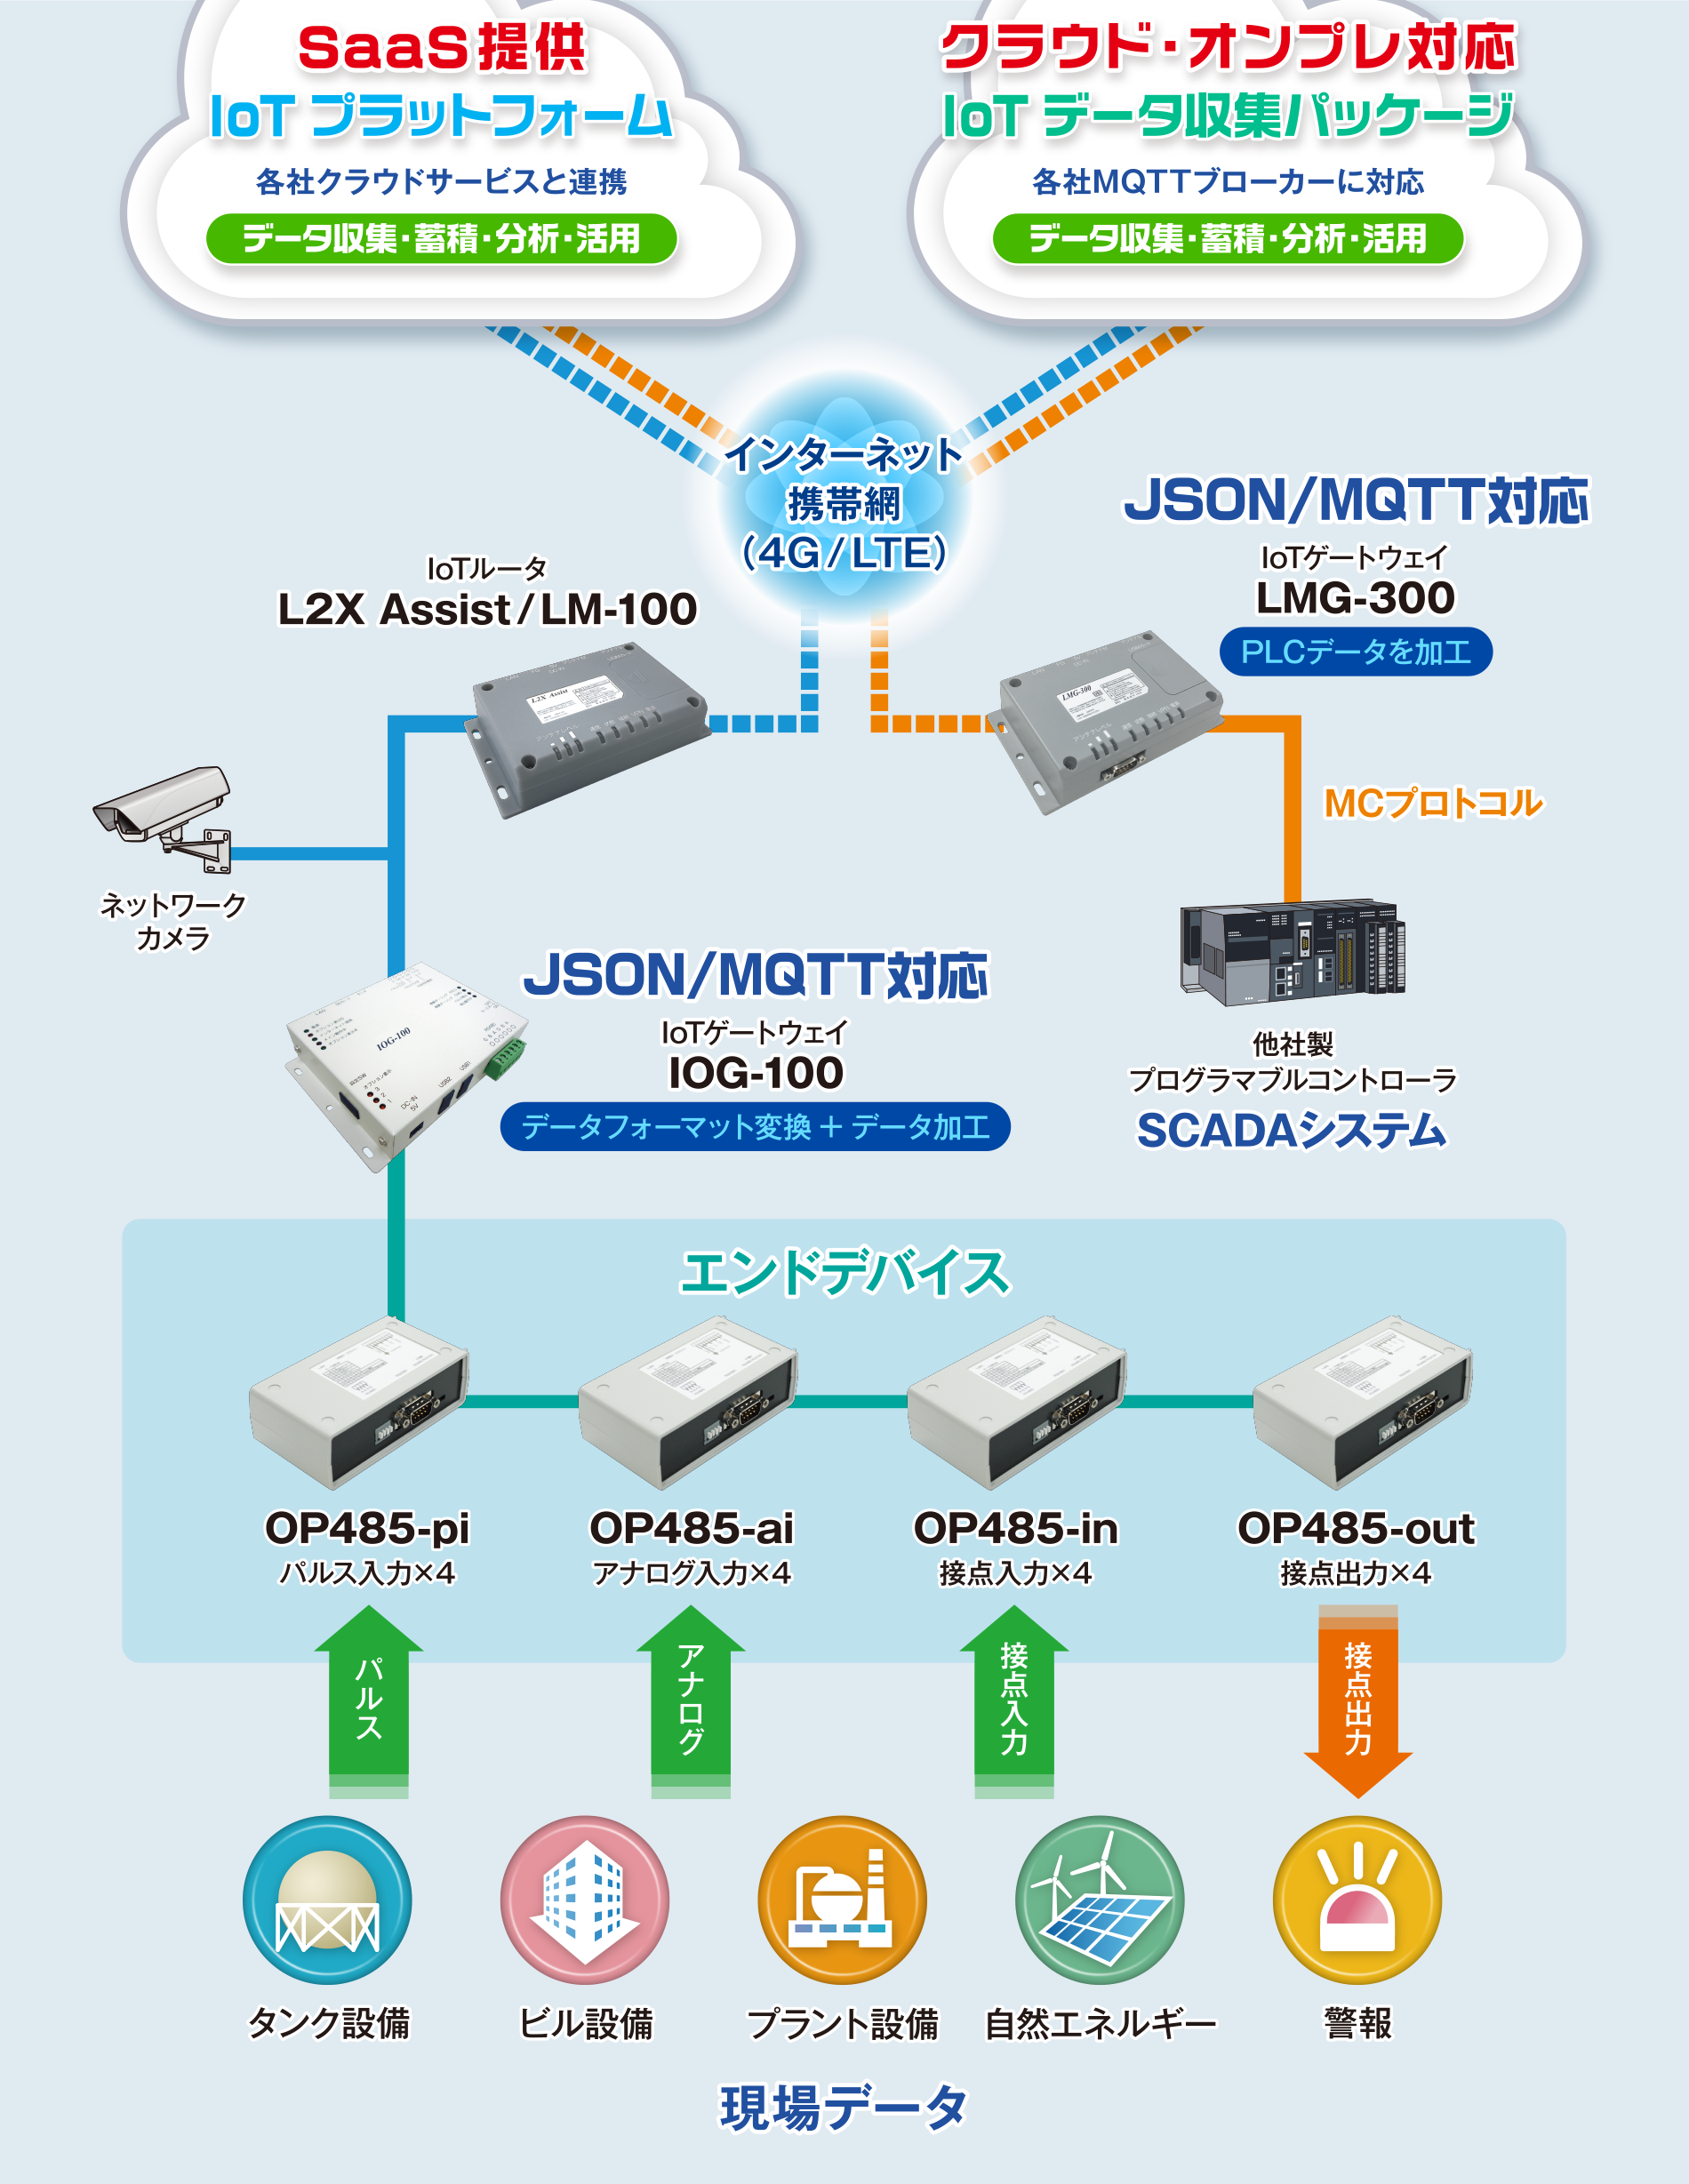 クラウド対応設備監視システム/Facility Assist for SaaS